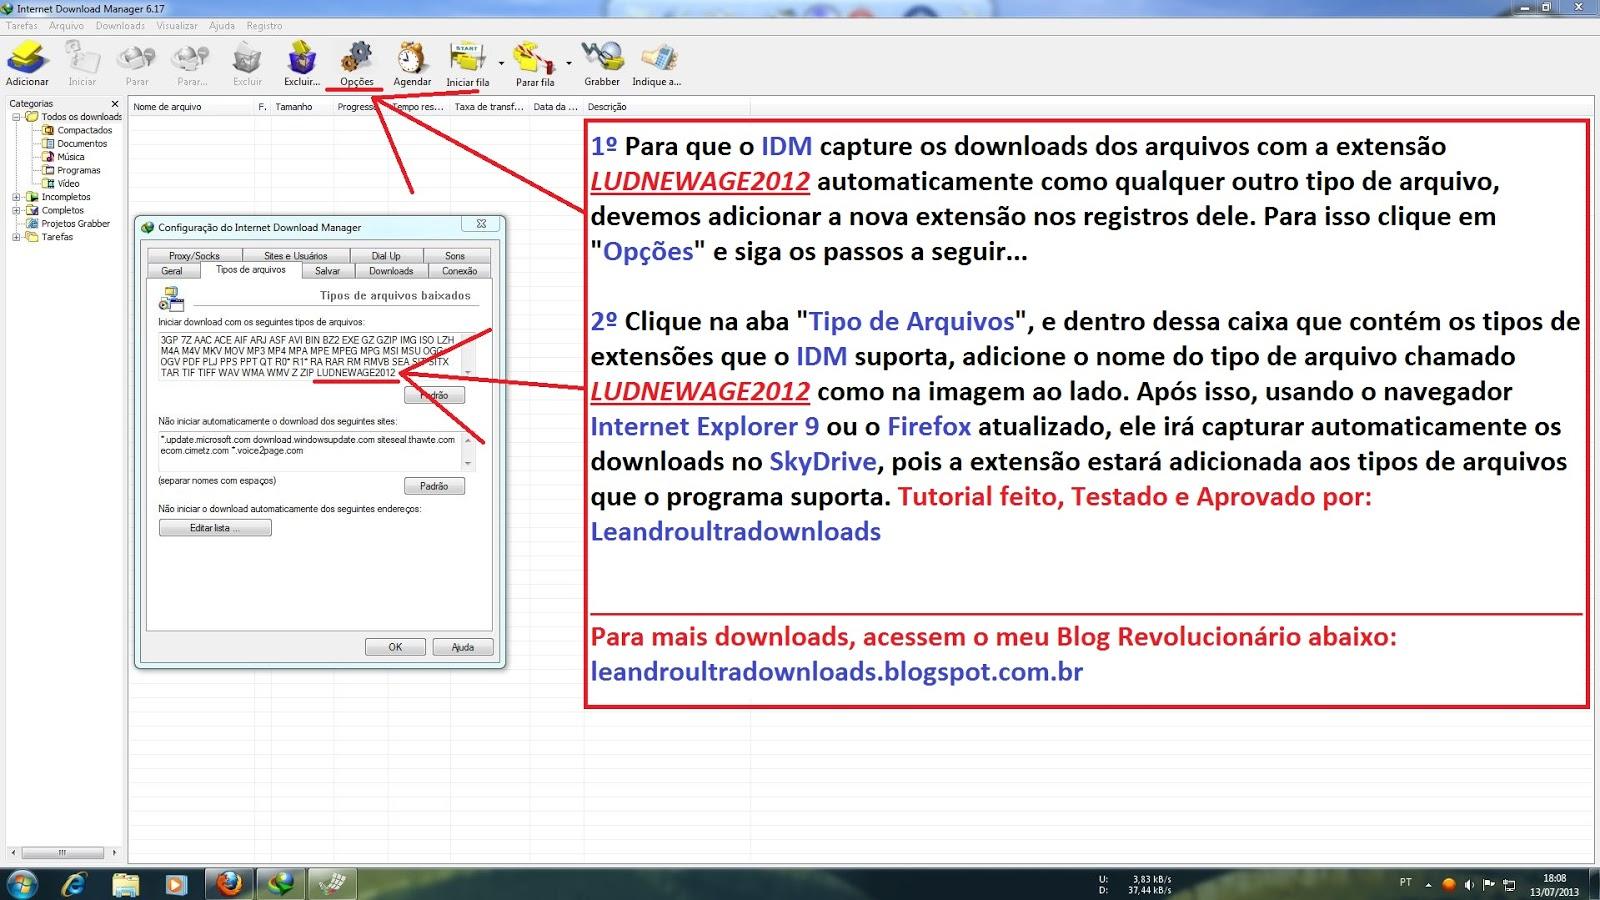 Como Baixar Arquivos com a Extensão LUDNEWAGE2012 no SkyDrive Pelo Gerenciador de Downloads IDM 2º Parte